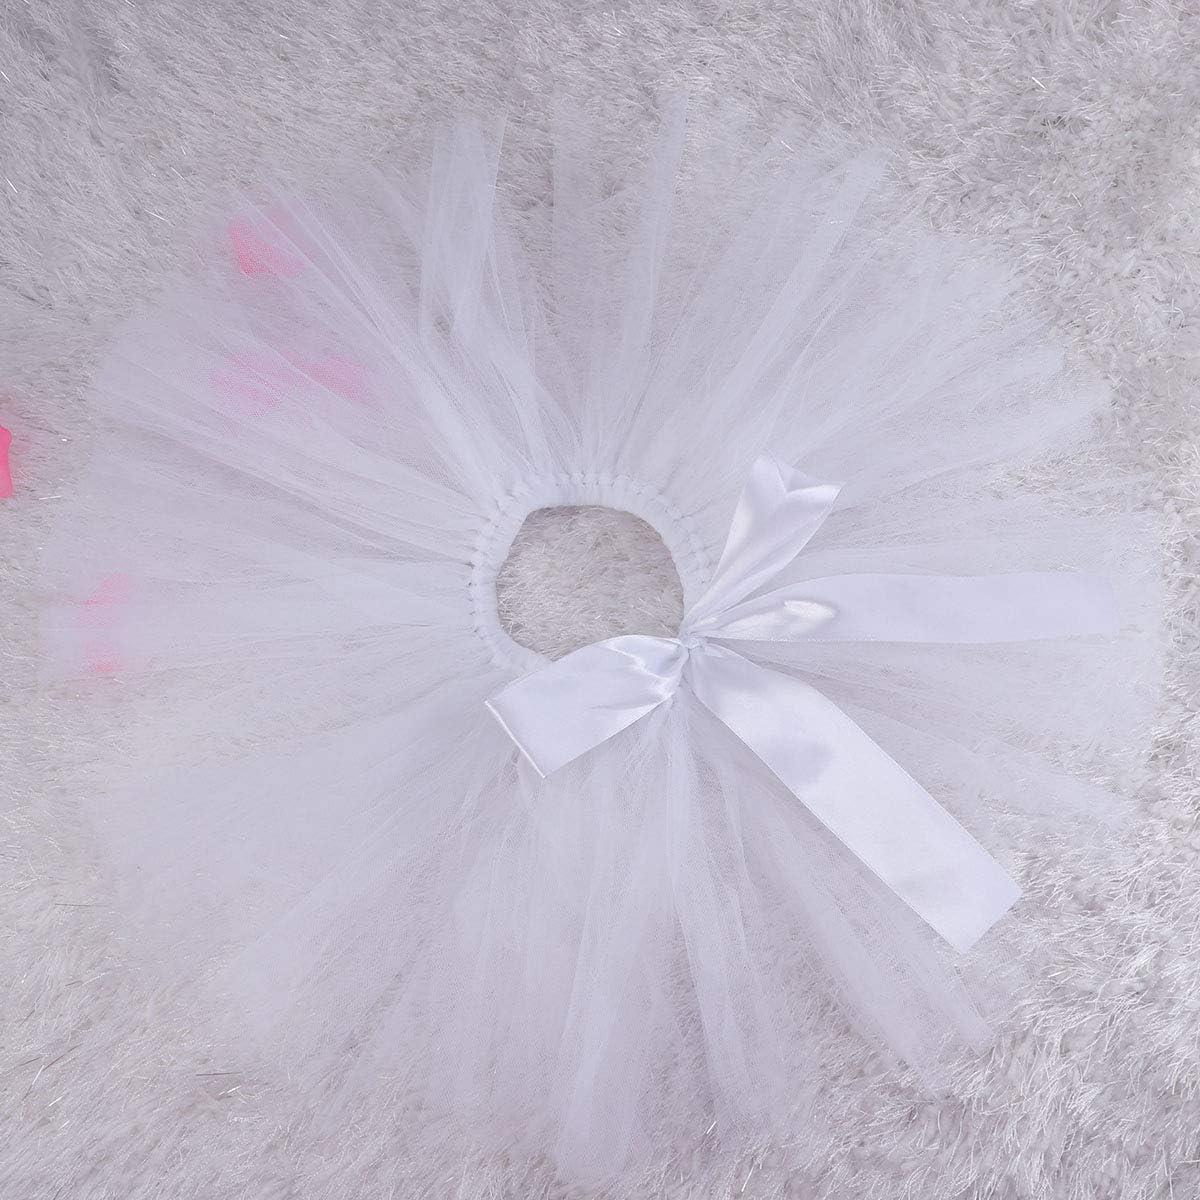 wei/ß STOBOK Baby M/ädchen Tutu Rock Set mit Blume Stirnband Prinzessin M/ädchen Tutu Outfit Dress Up Rock Fotografie Prop f/ür Baby Kleinkind Geburtstag Party Outfit